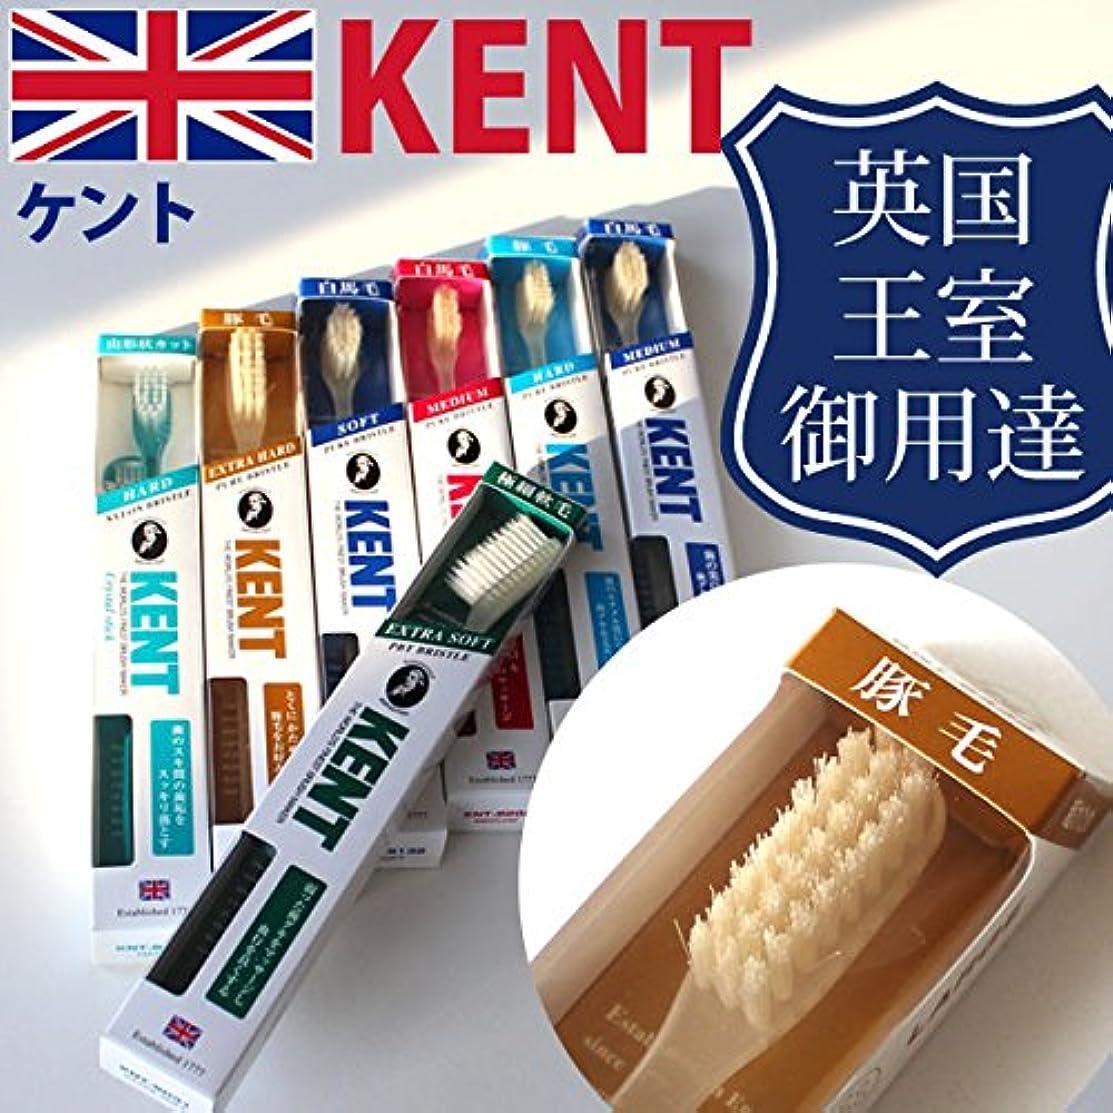 宣言アダルト気まぐれなケント KENT 豚毛 ラージヘッド 歯ブラシKNT-9433 超かため 6本入り しっかり磨ける天然毛のラジヘ